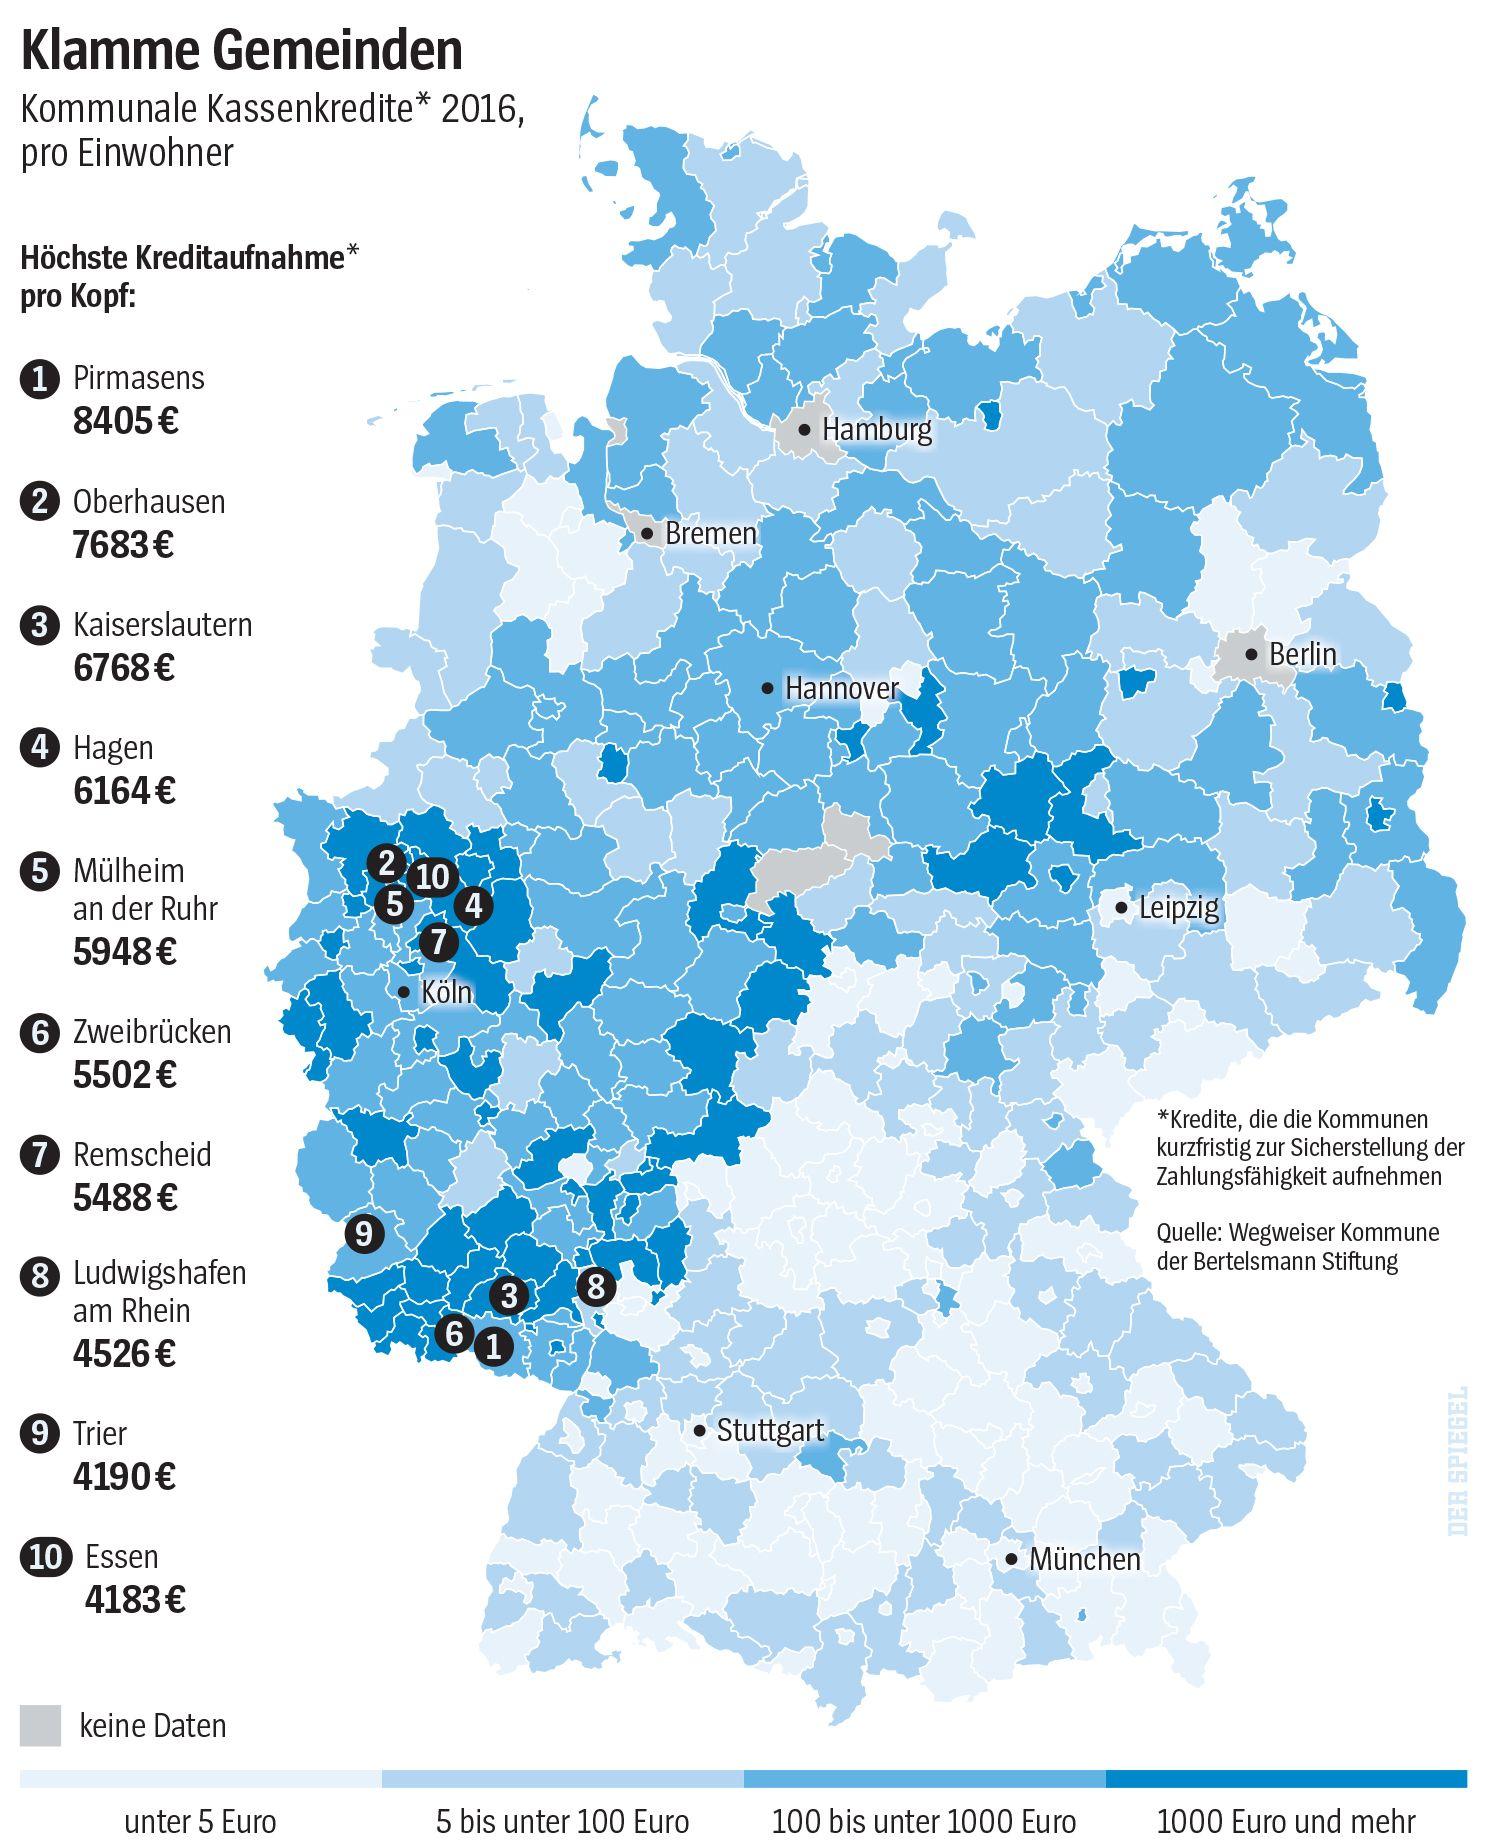 SPIEGEL-Grafik Kommunale Kassenkredite 2016